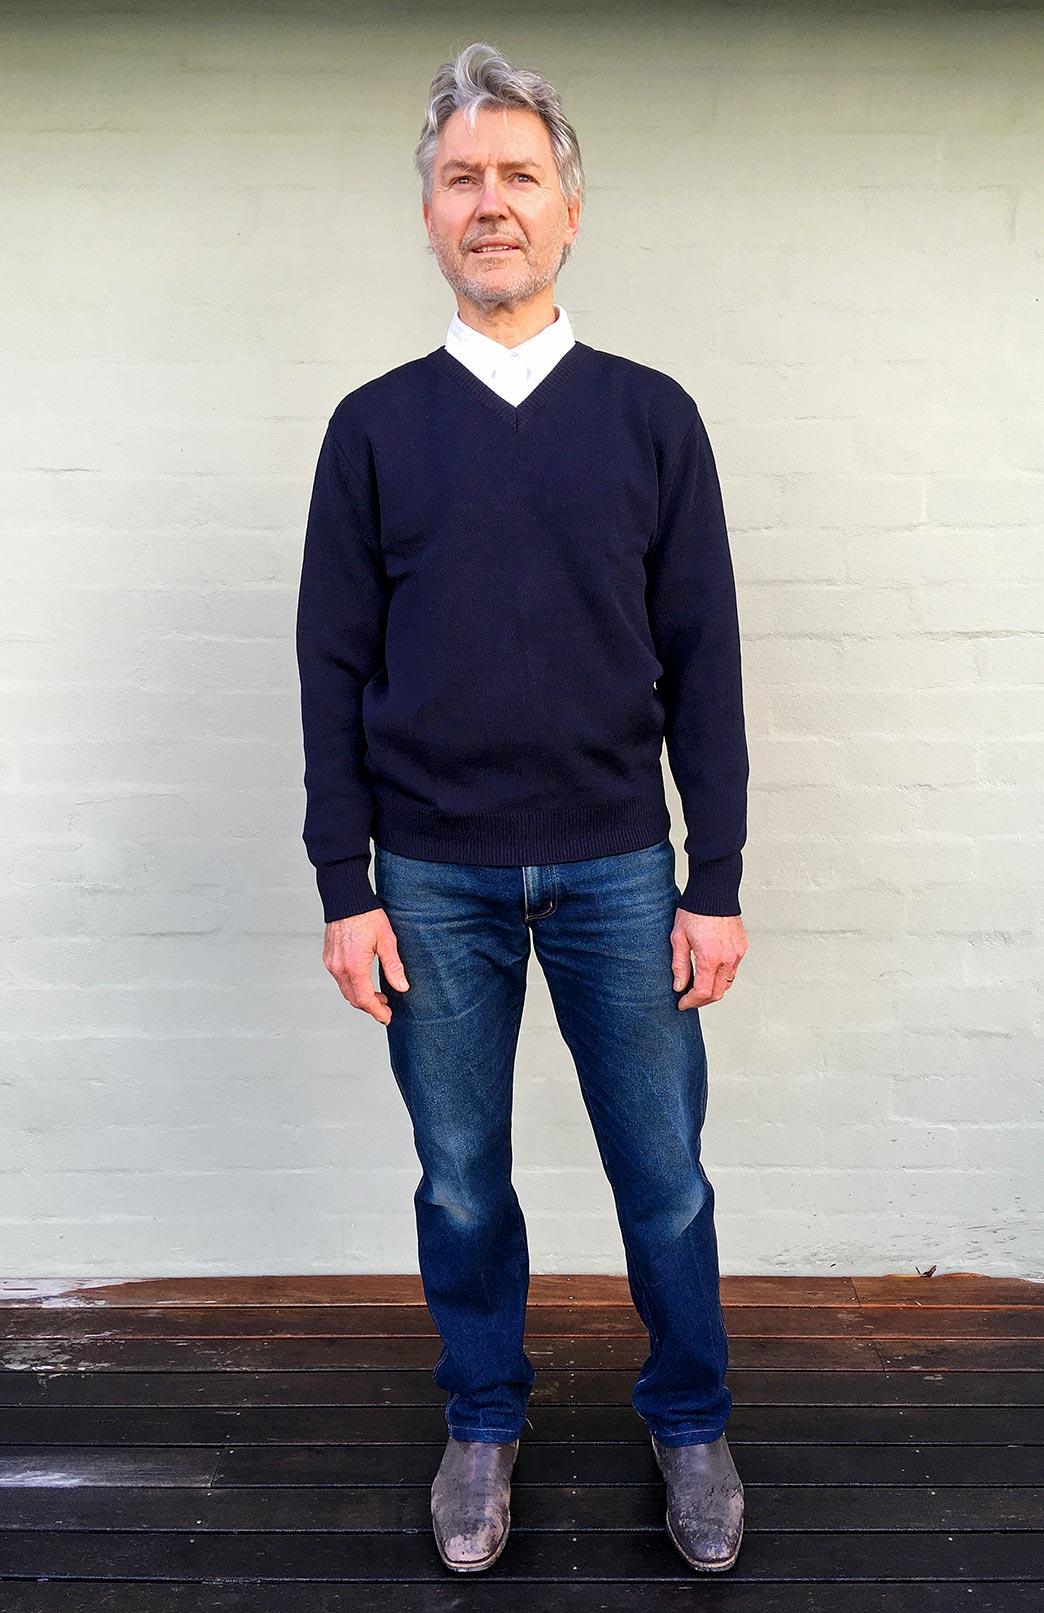 Men's Knitted Wool V-Neck Jumper - Men's Superfine Knitted Merino Wool Classic V-Neck Pullover Jumper - Smitten Merino Tasmania Australia